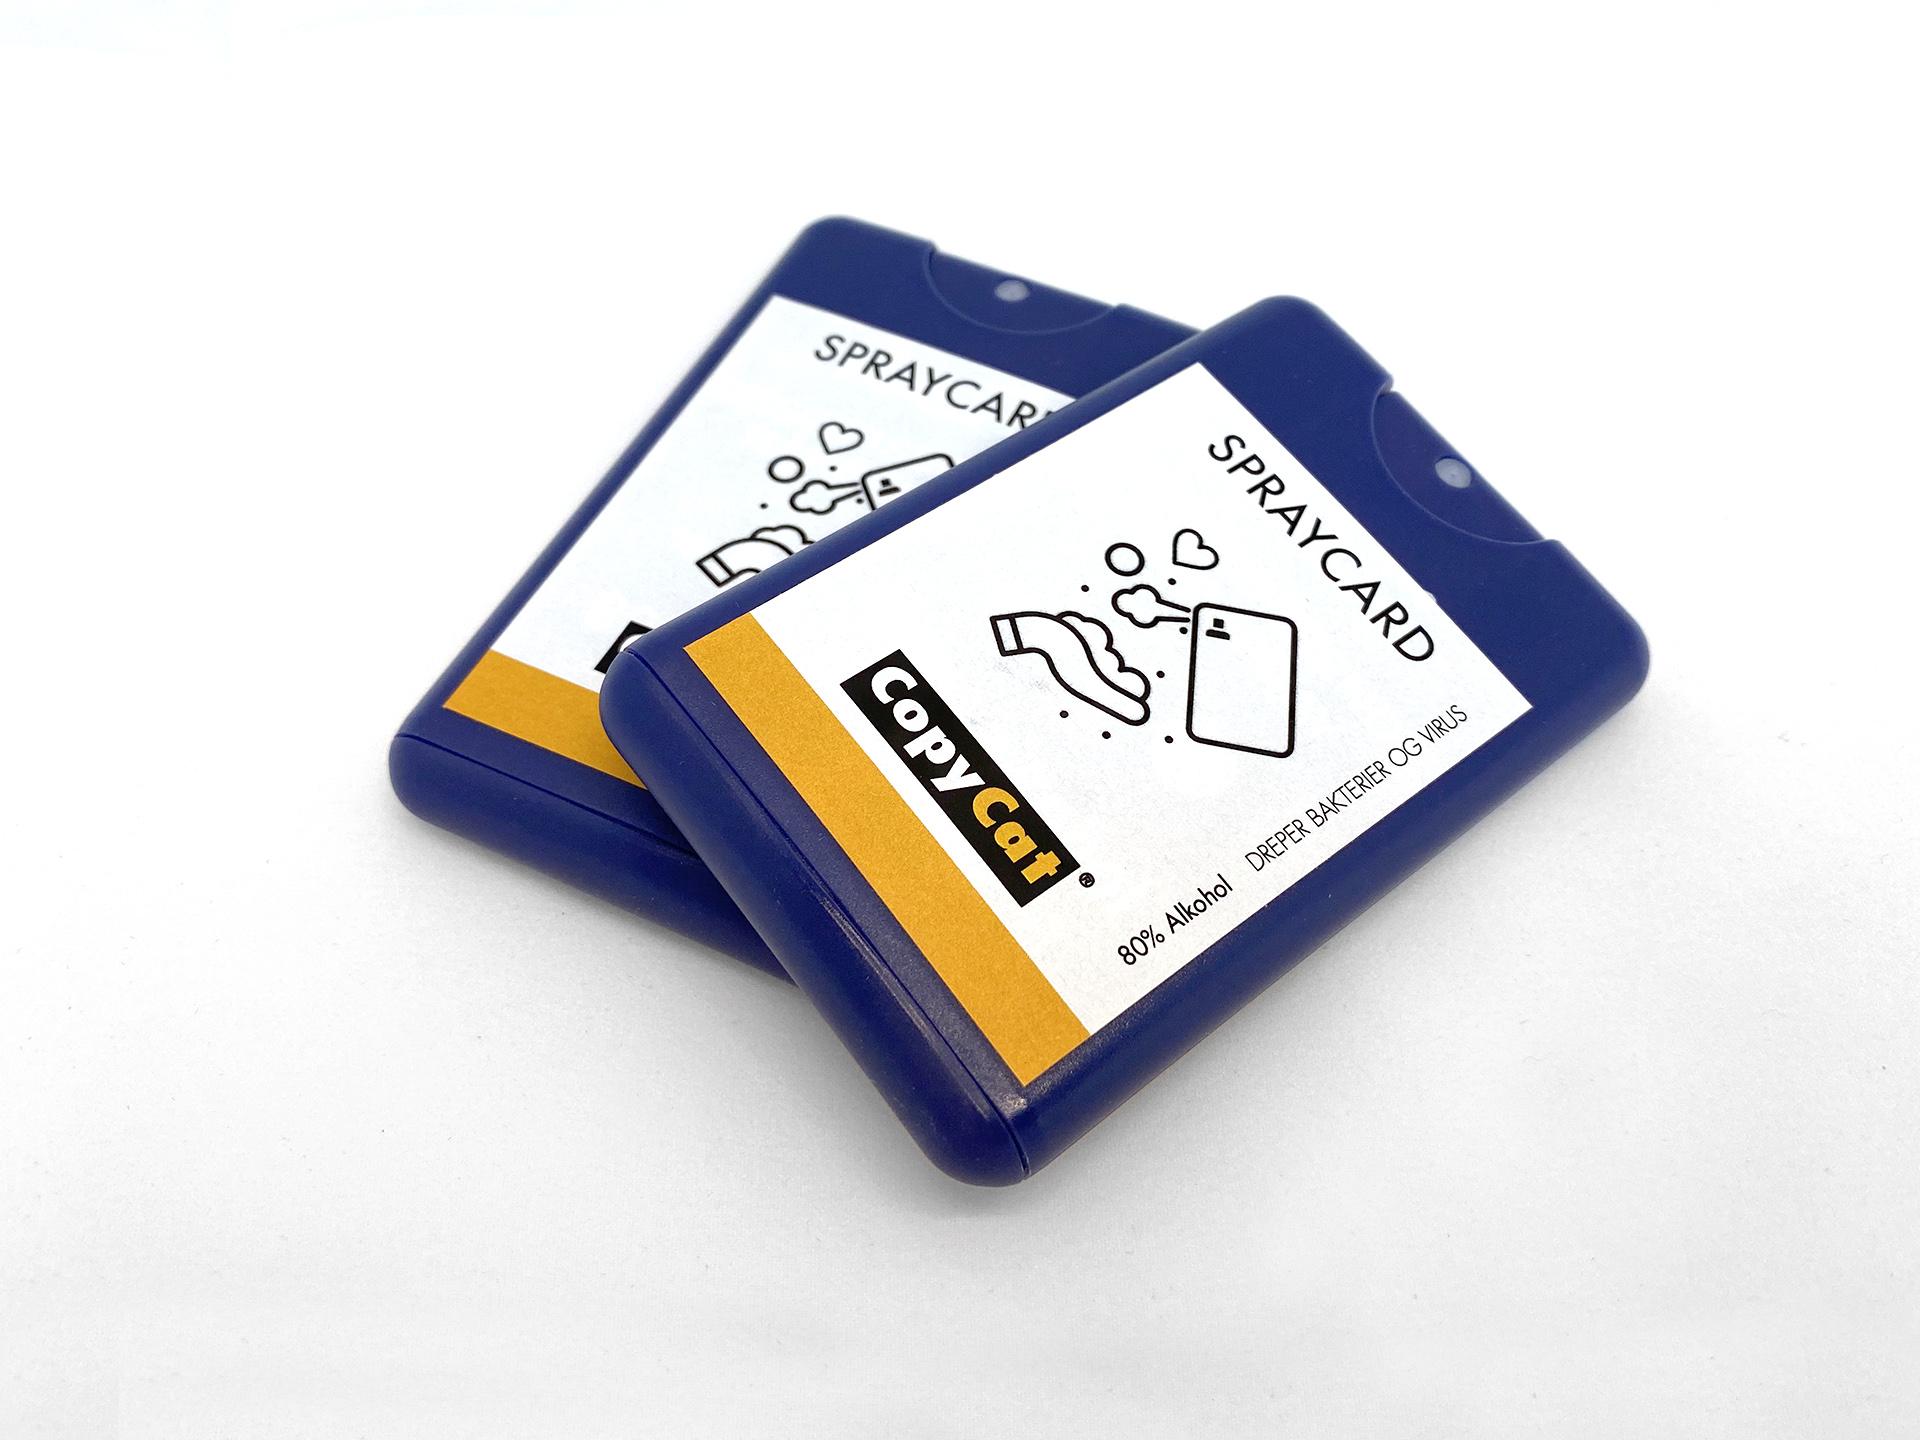 SprayCard